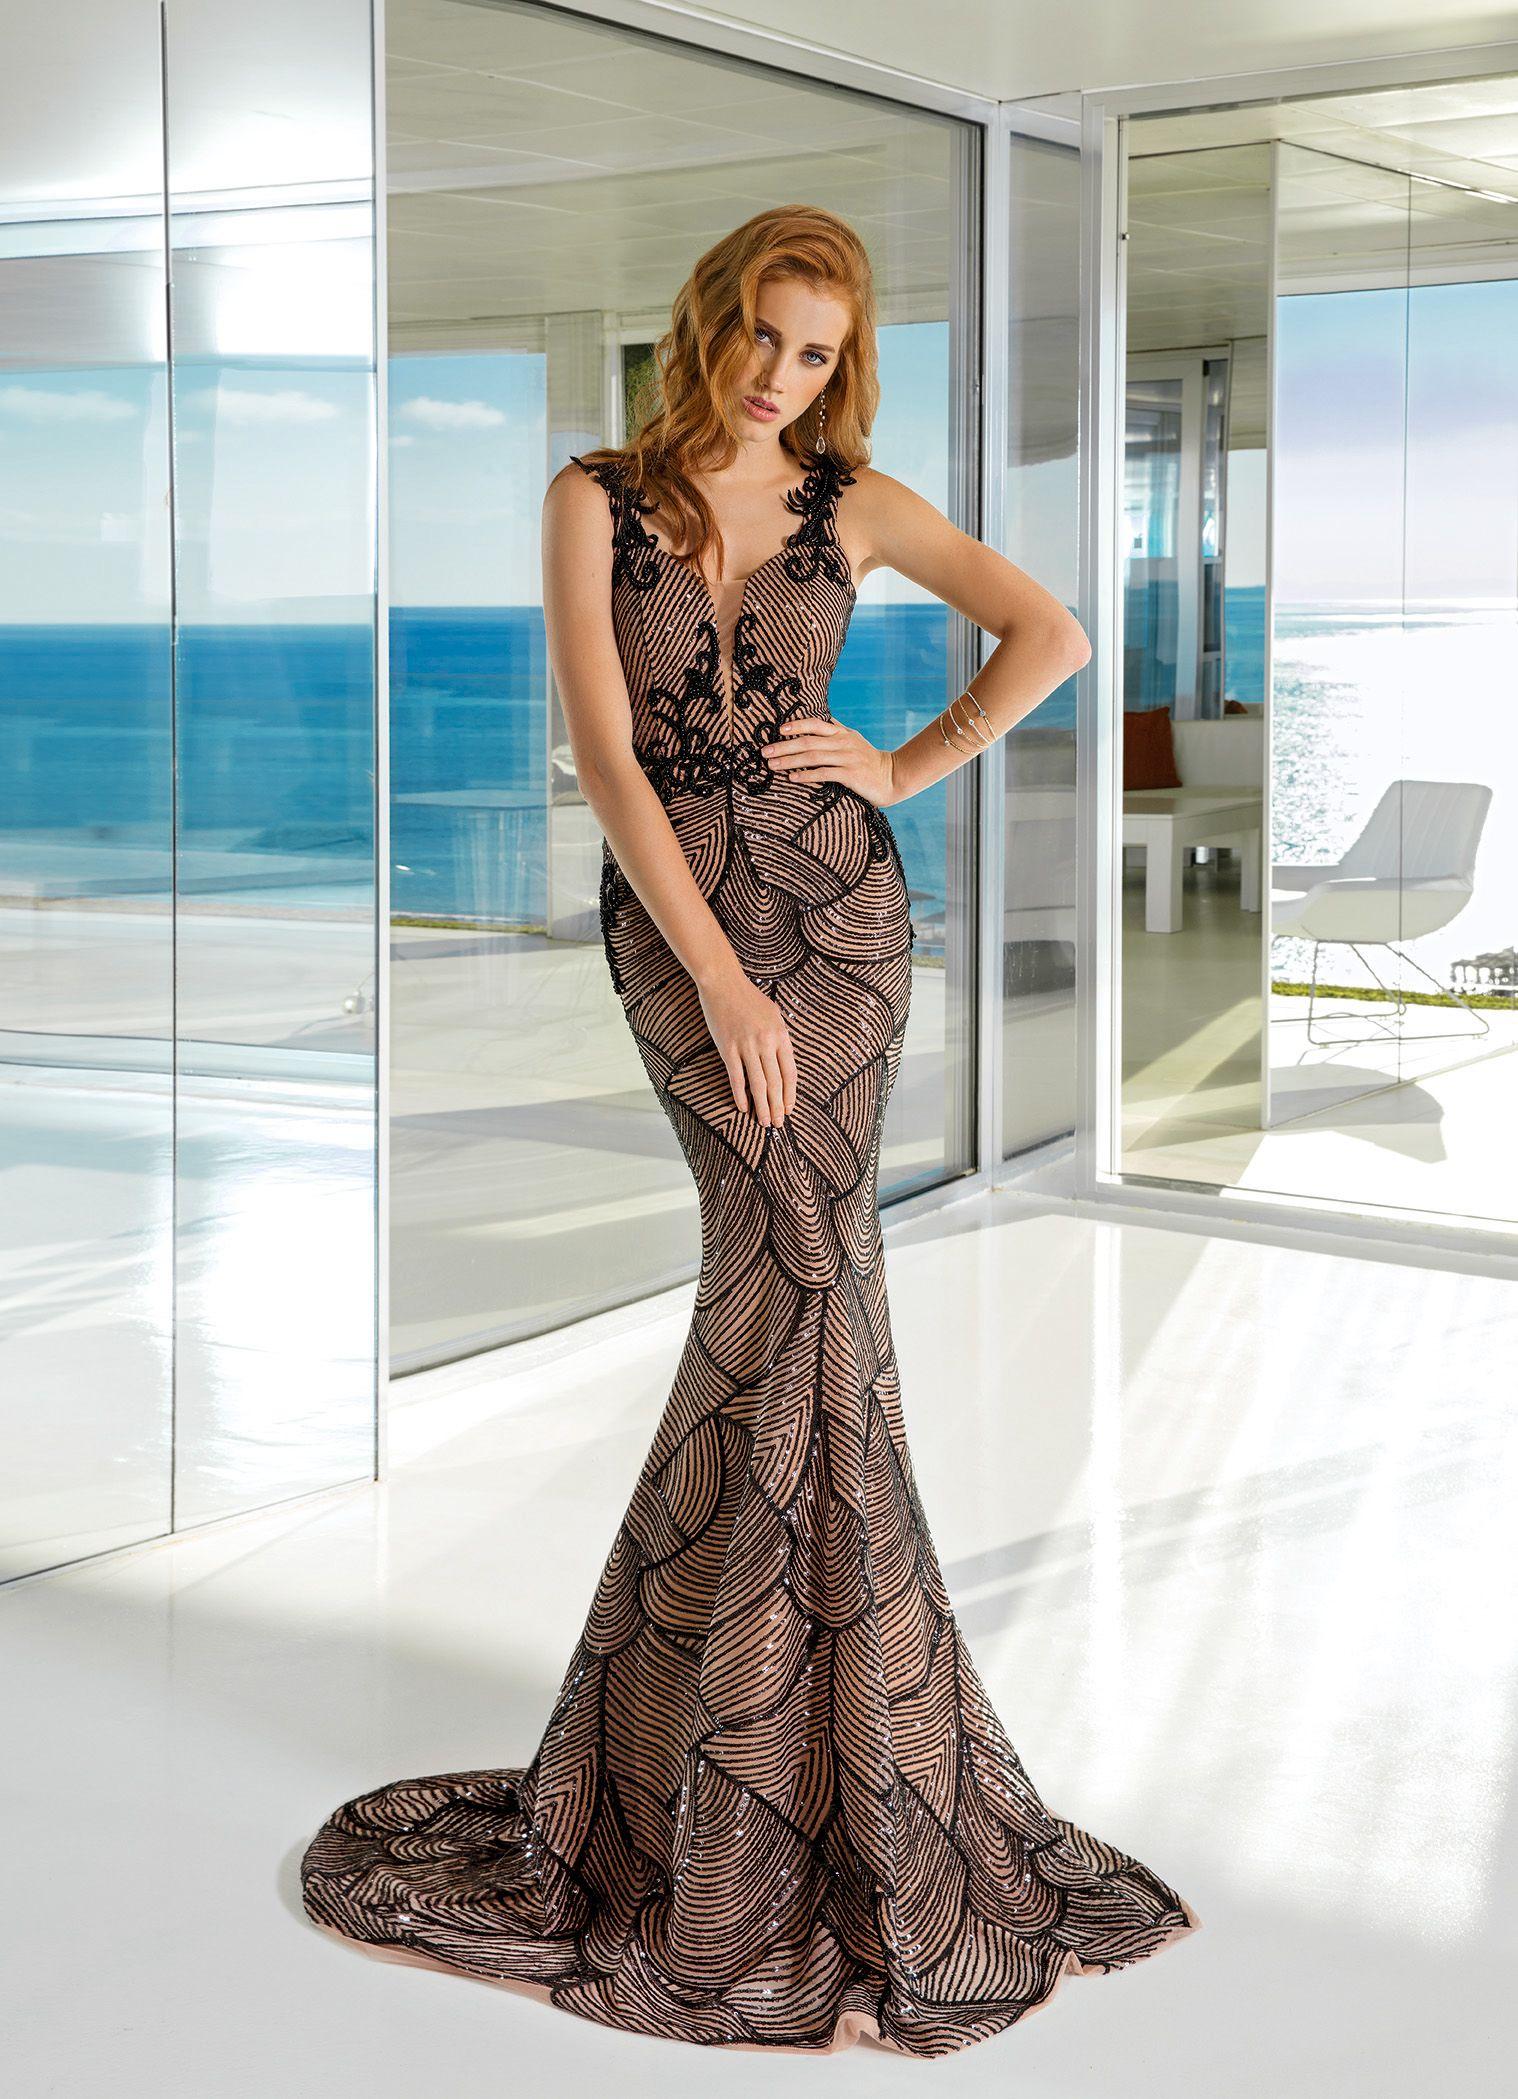 quality design 44e77 df18b Invito Haute Couture New Collection 2018 Scopri tutta la ...